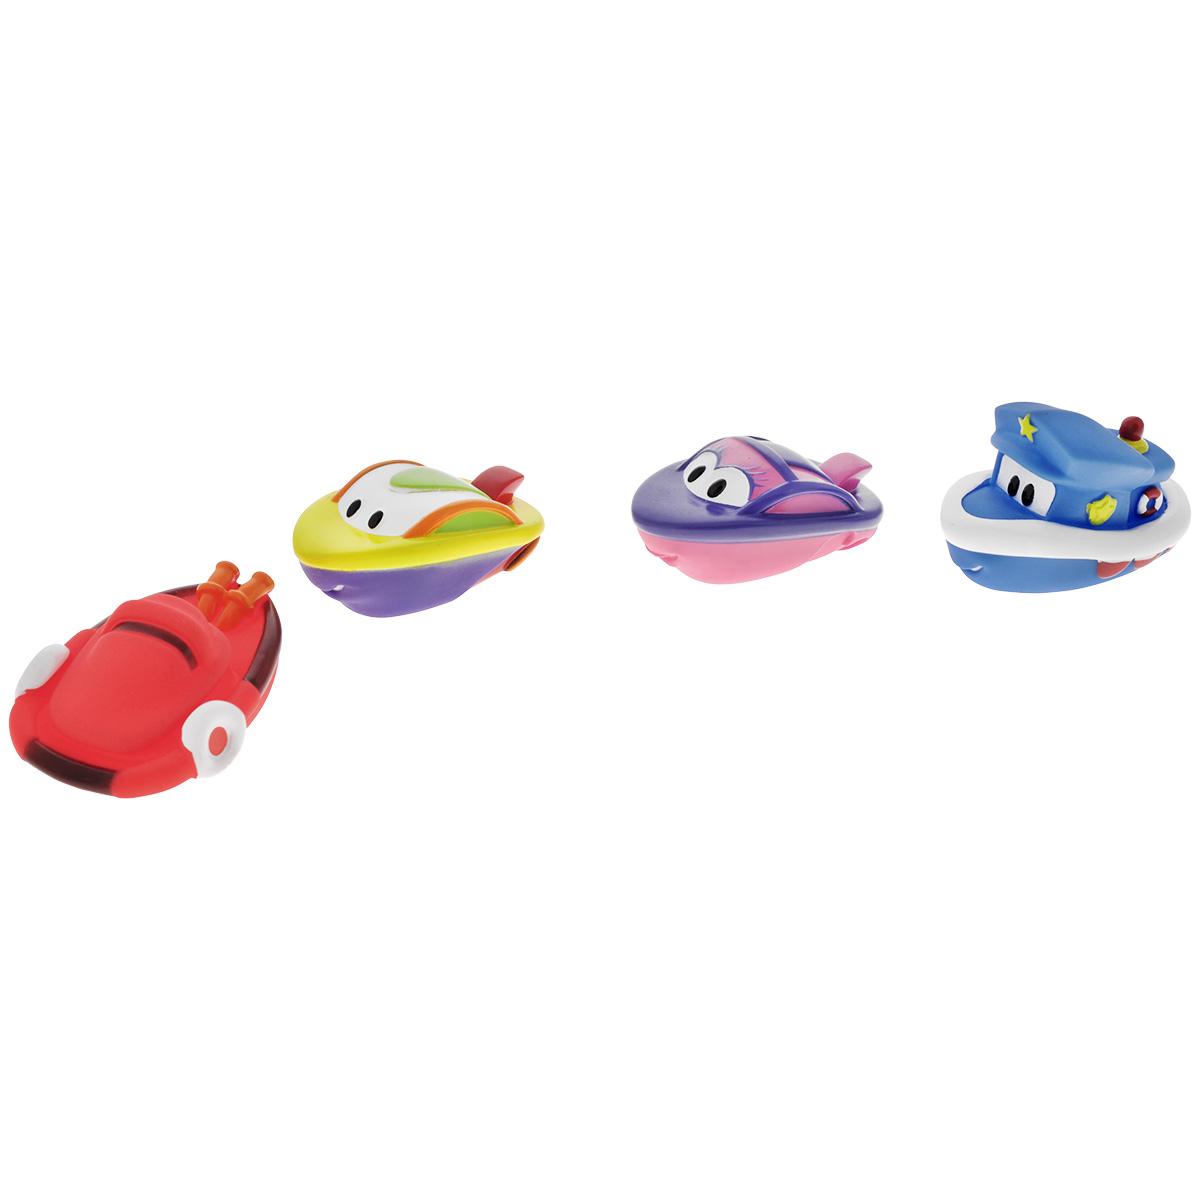 Игровой набор для ванны Mioshi Катерочки, 4 штMAU0304-015С набором для ванны Mioshi Катерочки принимать водные процедуры станет ещё веселее и приятнее. Набор включает в себя четыре разные игрушки в виде красочных лодочек-катеров. Все составляющие набора приятны на ощупь, имеют удобную для захвата маленькими пальчиками эргономичную форму и быстро сохнут. Забавным дополнением также будет возможность игрушек брызгать водой при сжатии. Устраивайте водные сражения! Игрушки Mioshi Aqua помогают малышам быстрее приспосабливаться к водной среде, а процесс принятия водных процедур делают веселым и увлекательным.